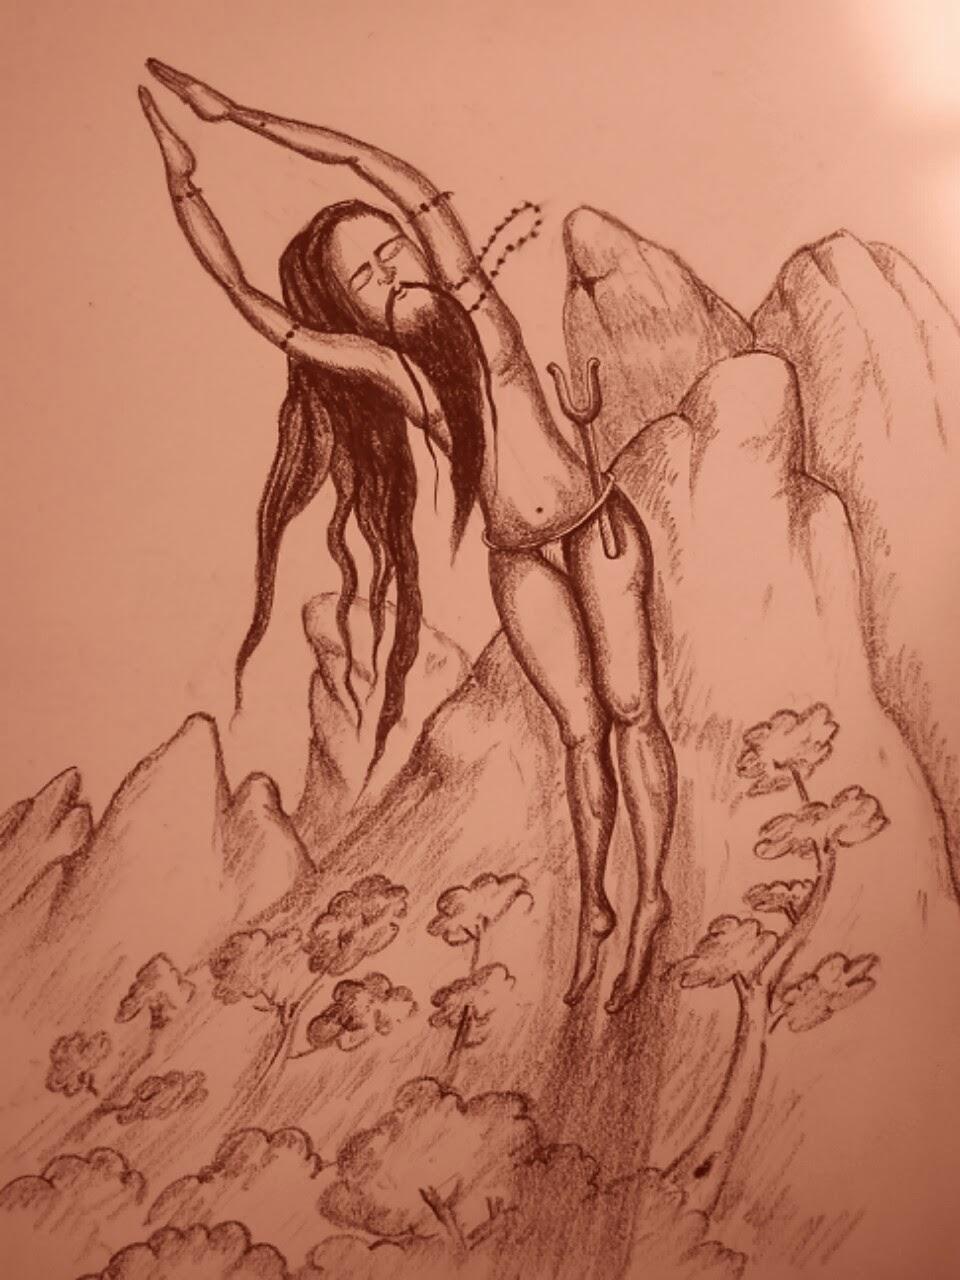 சிவத்தியான முனிவர் இவரைப் பற்றி கோரக்கர்